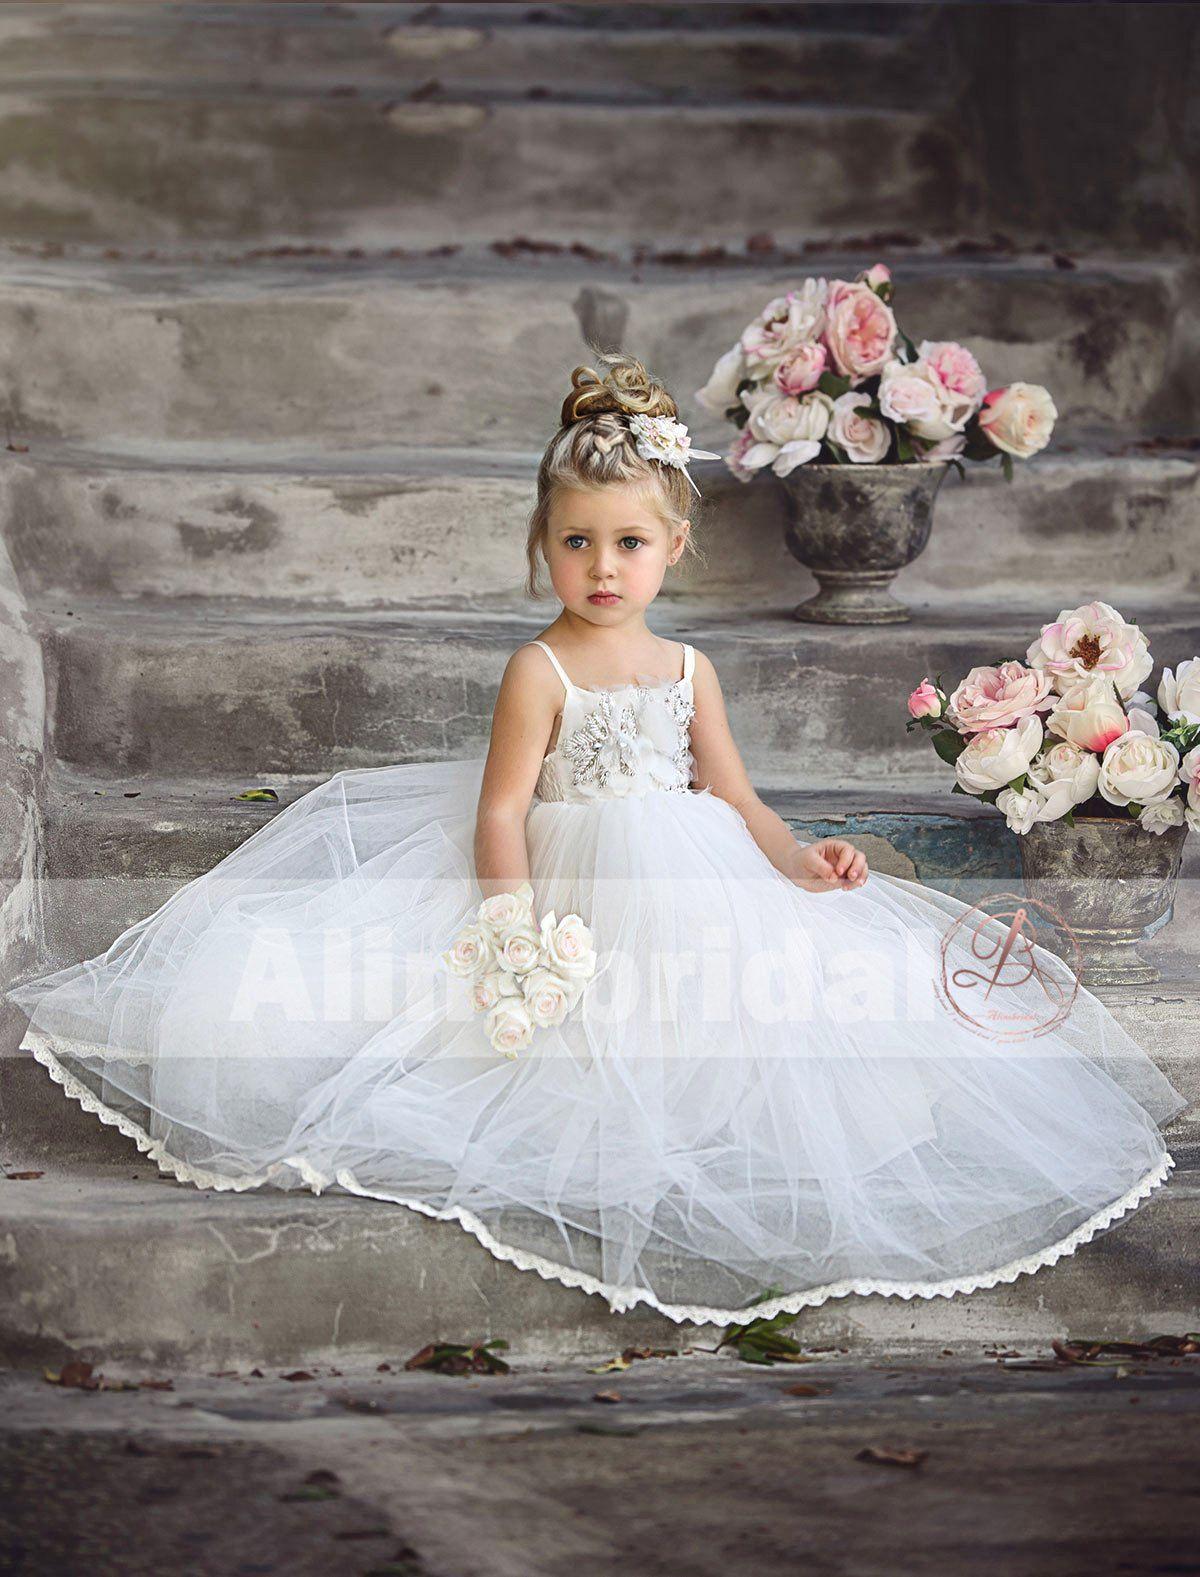 8a865f87acaee Spaghetti Strap Gold Beads Handmade Flower Tulle Flower Girl Dresses, –  AlineBridal